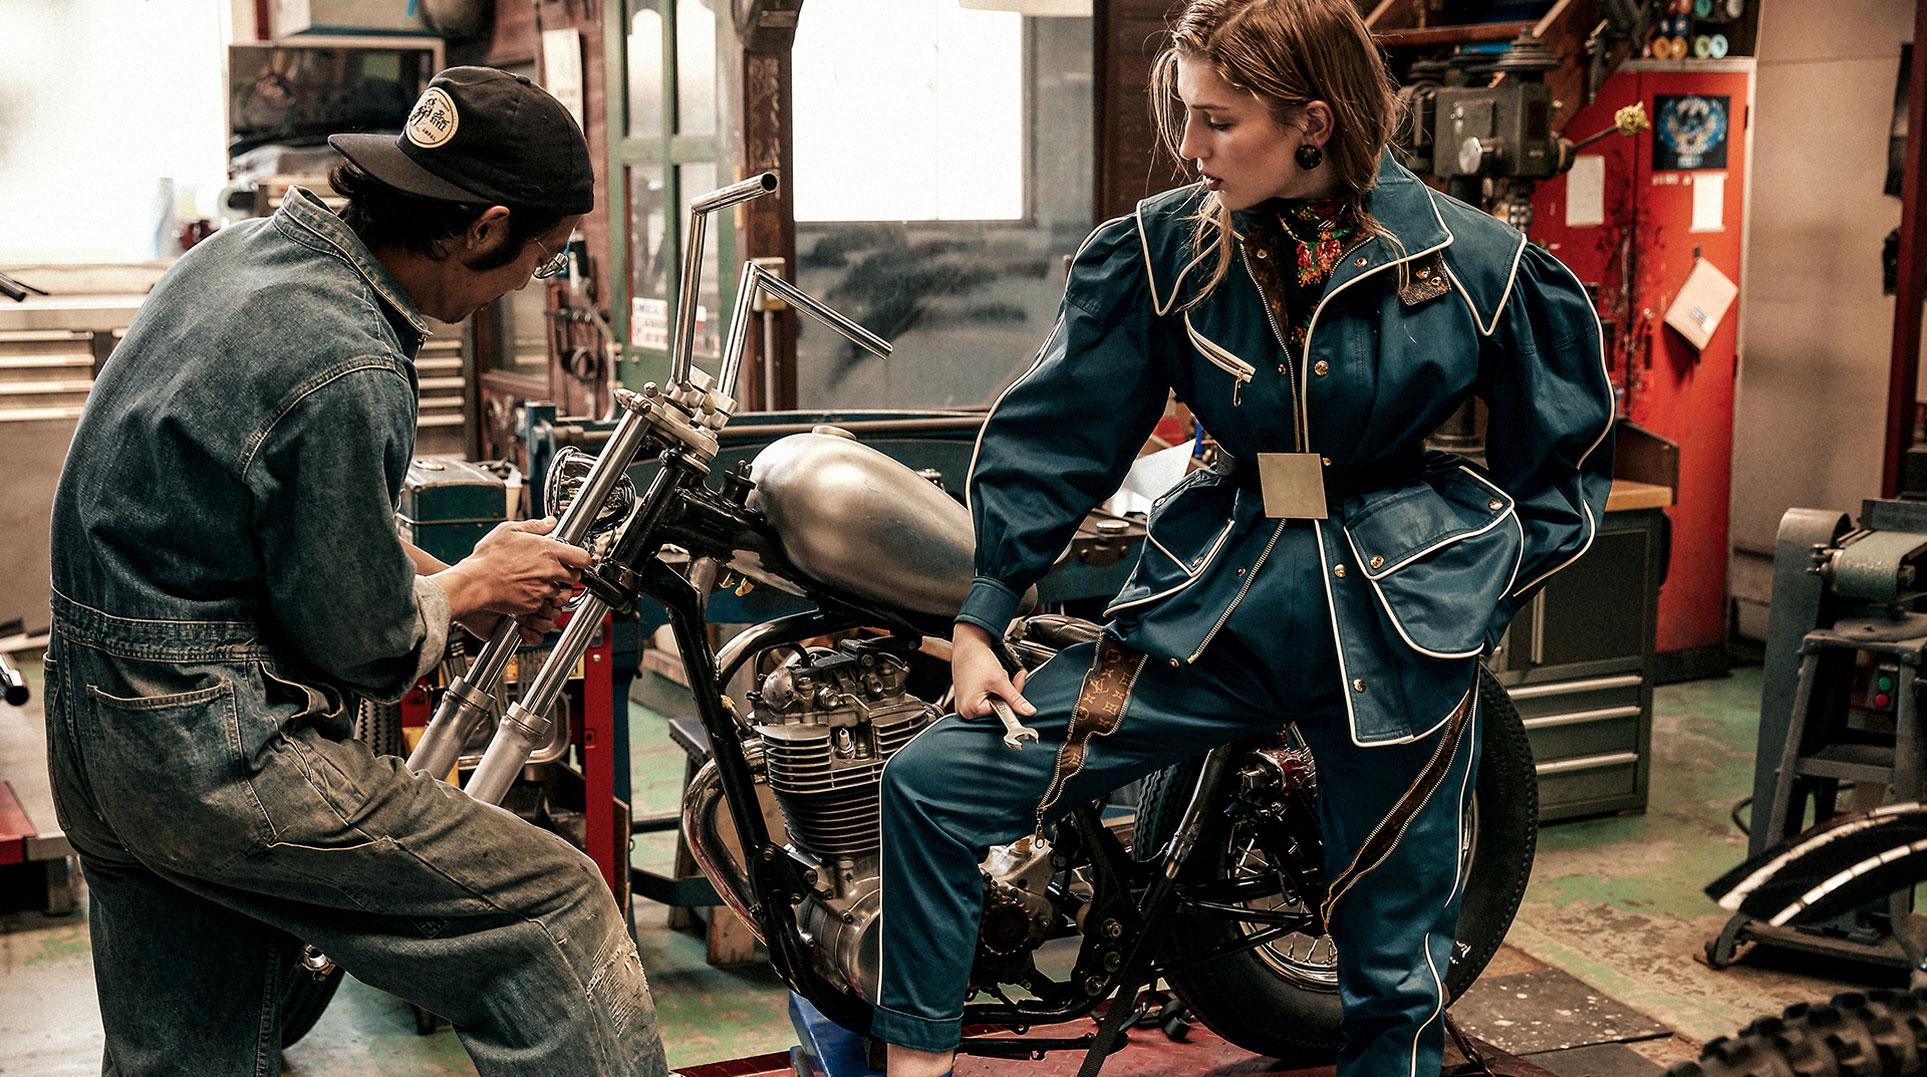 Сабина Лобова демонстрирует модные новинки Louis Vuitton в гараже мотоциклетного магазина в Токио / фото 01